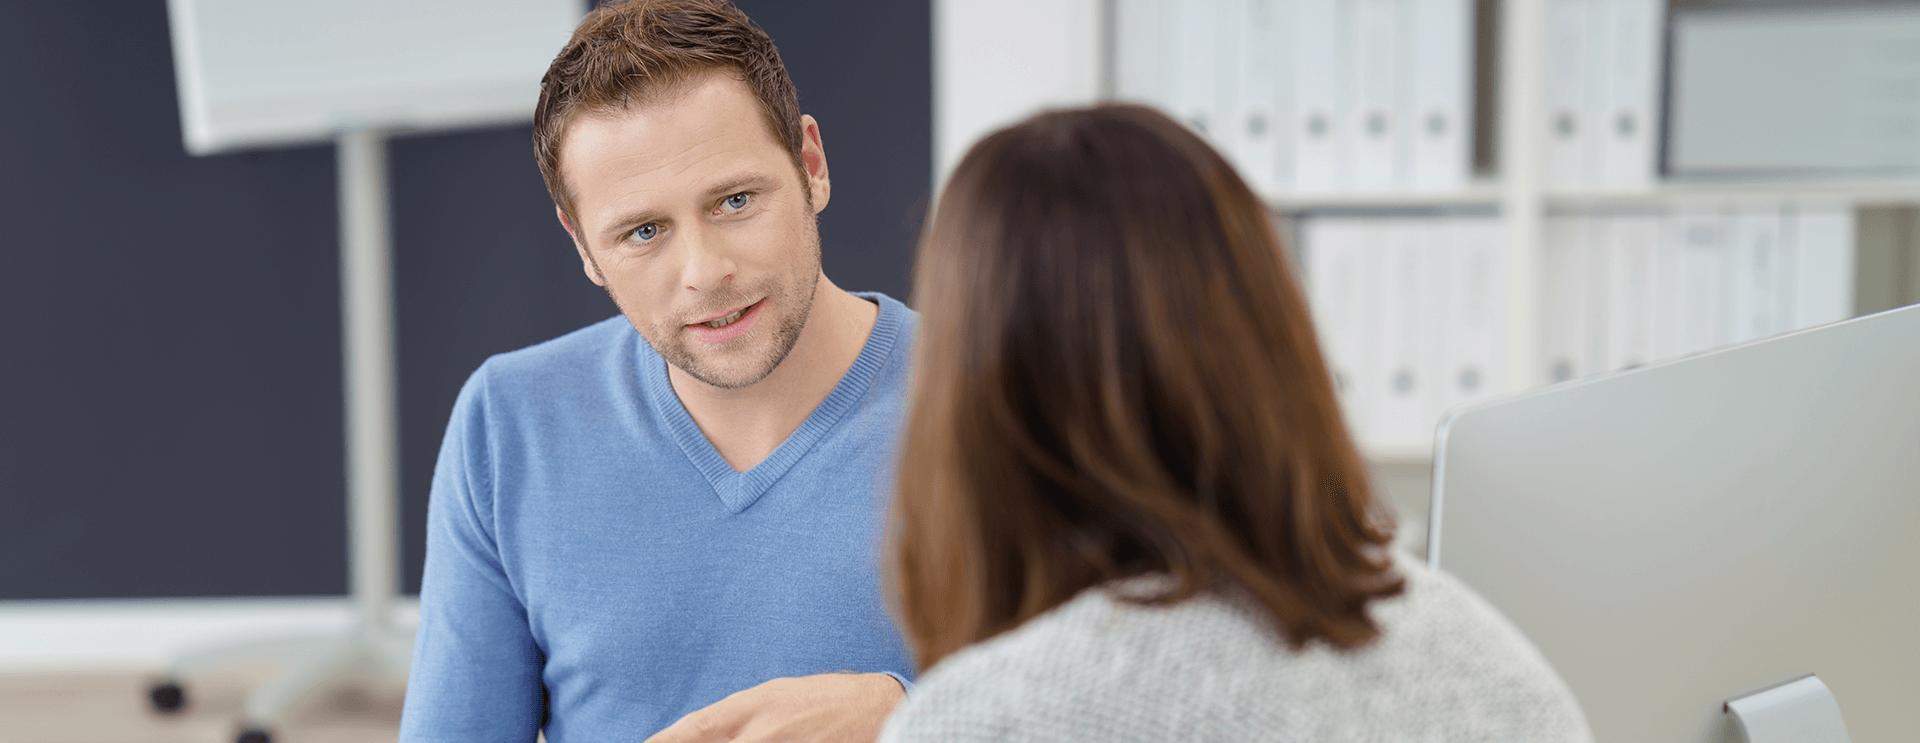 Ein Mann mit einer Frau im Büro führen Gespräch durch.